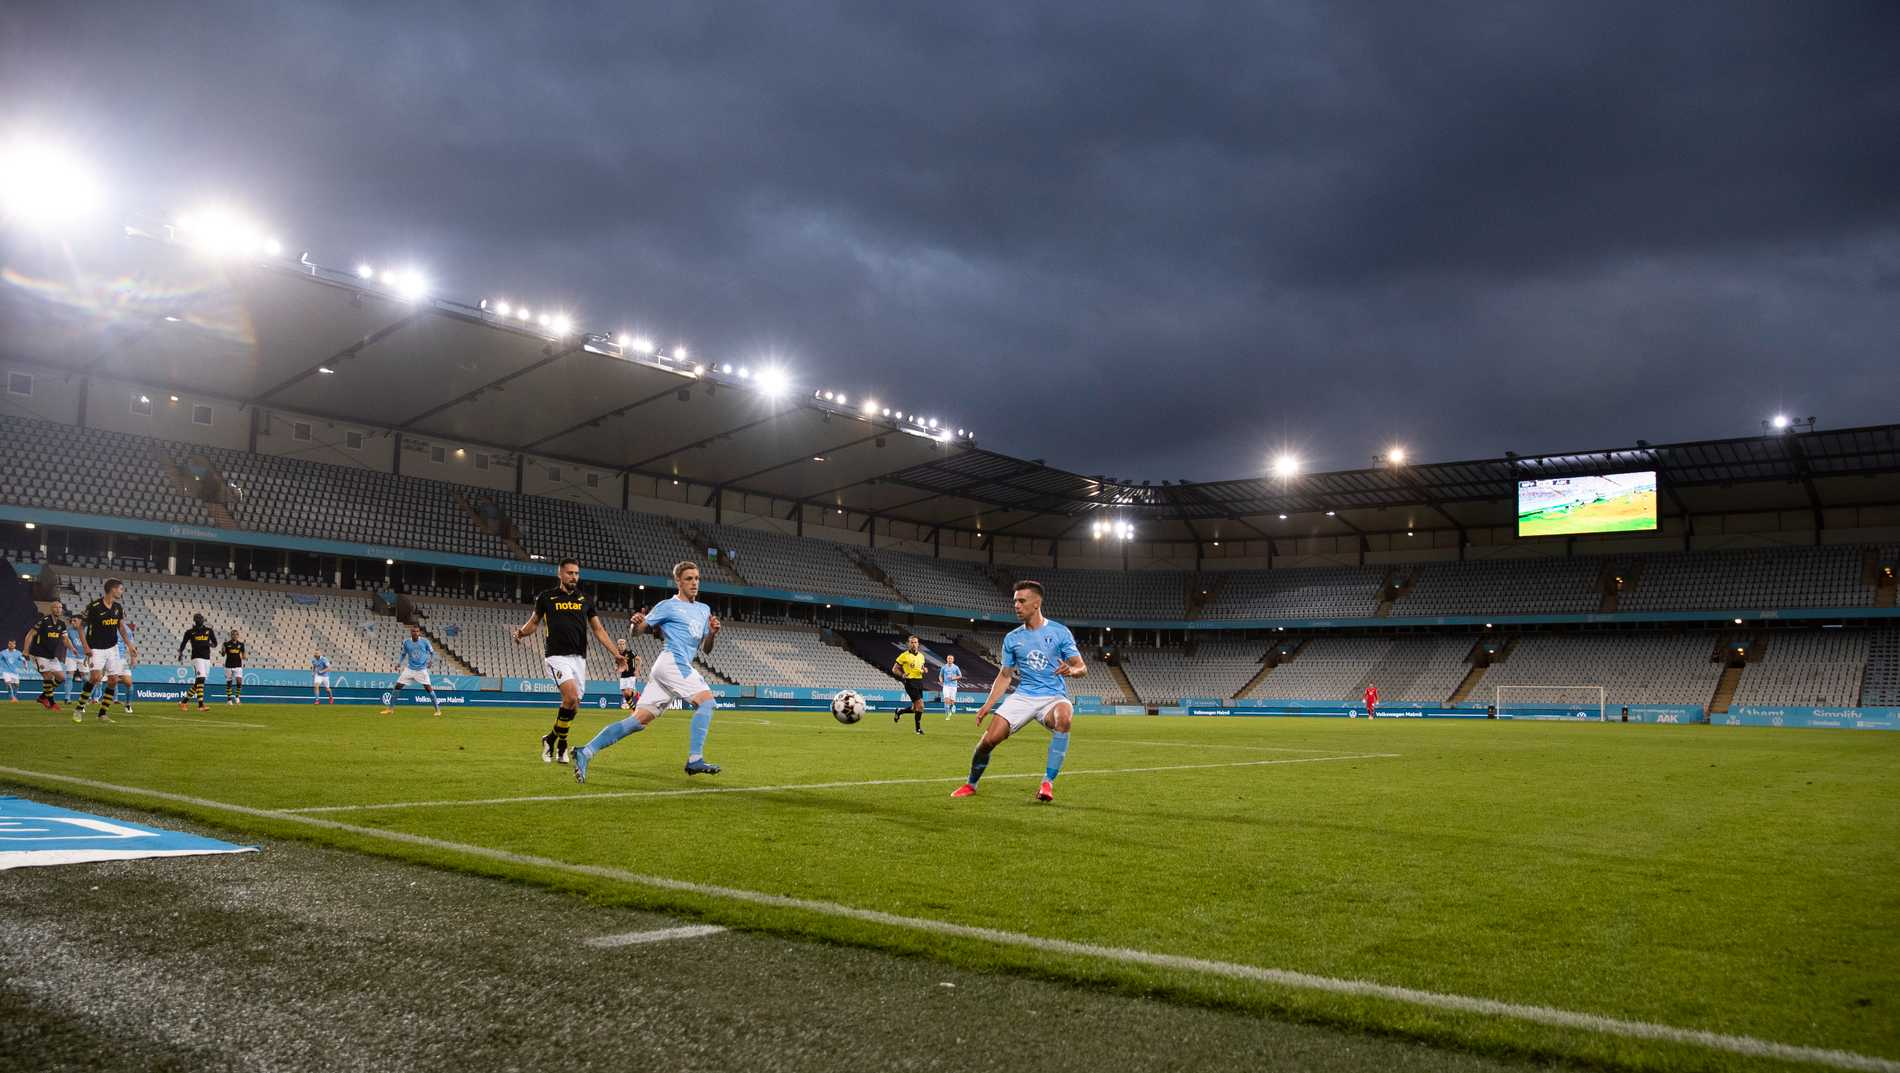 Regeringen vill kunna släppa in mer publik på exempelvis stora fotbollsarenor. Arkivbild.